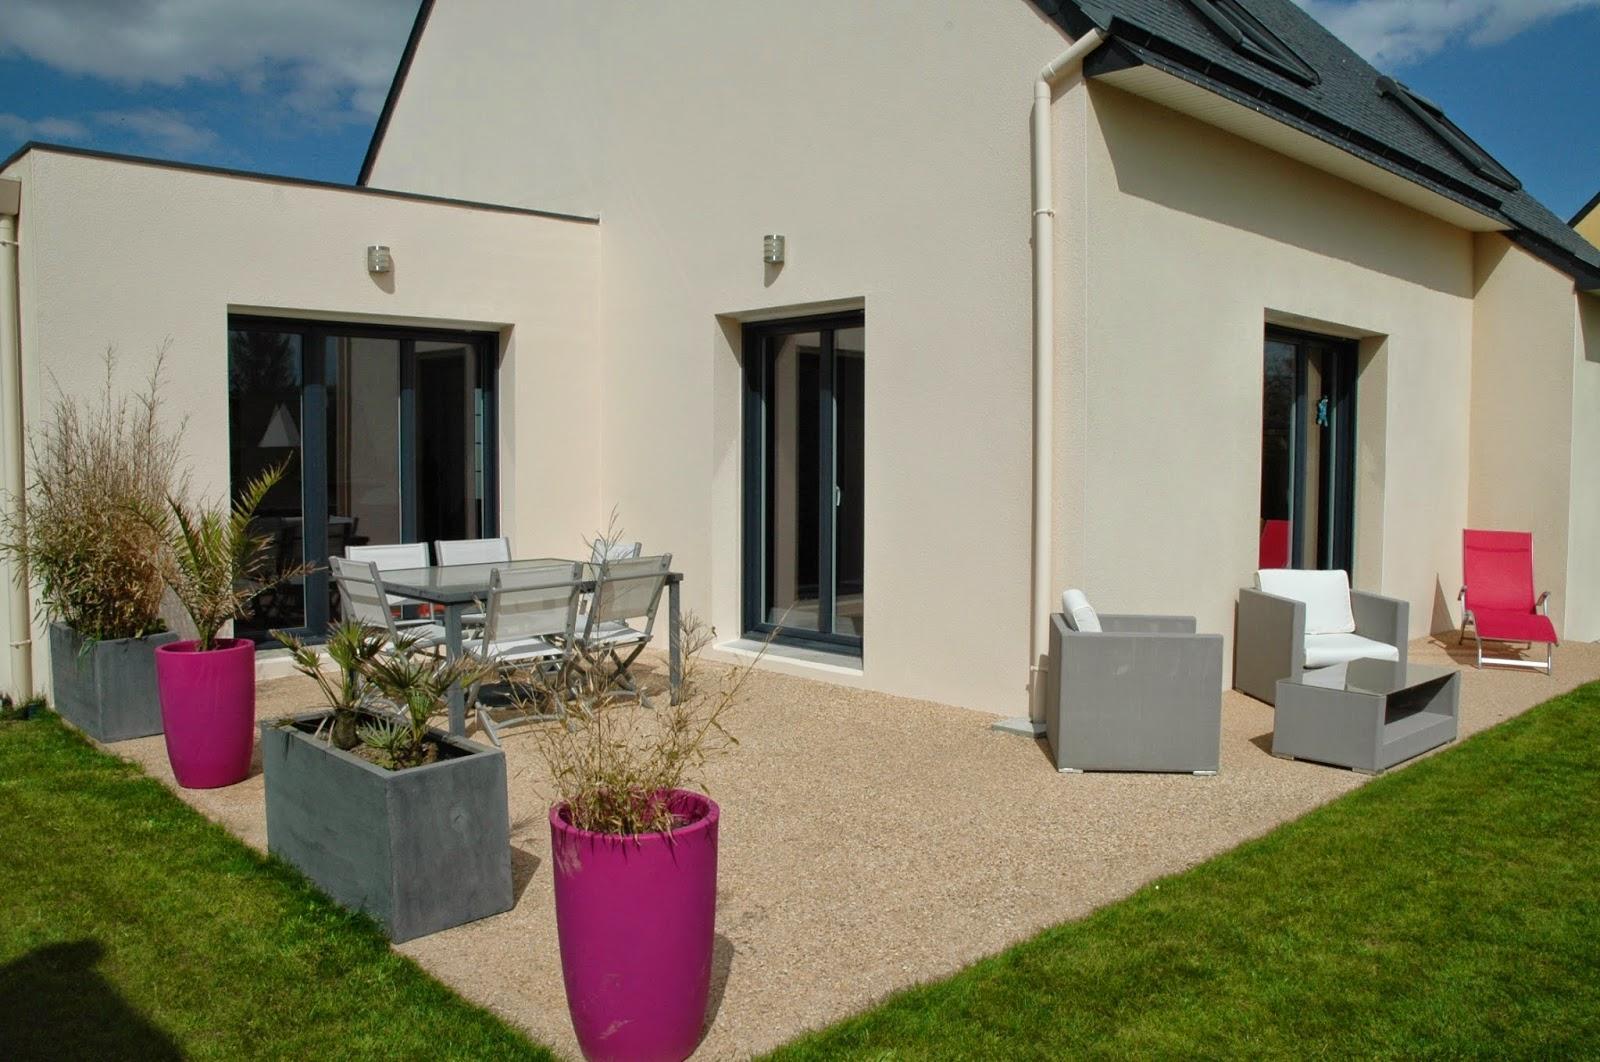 terrasse beton 30m2. Black Bedroom Furniture Sets. Home Design Ideas